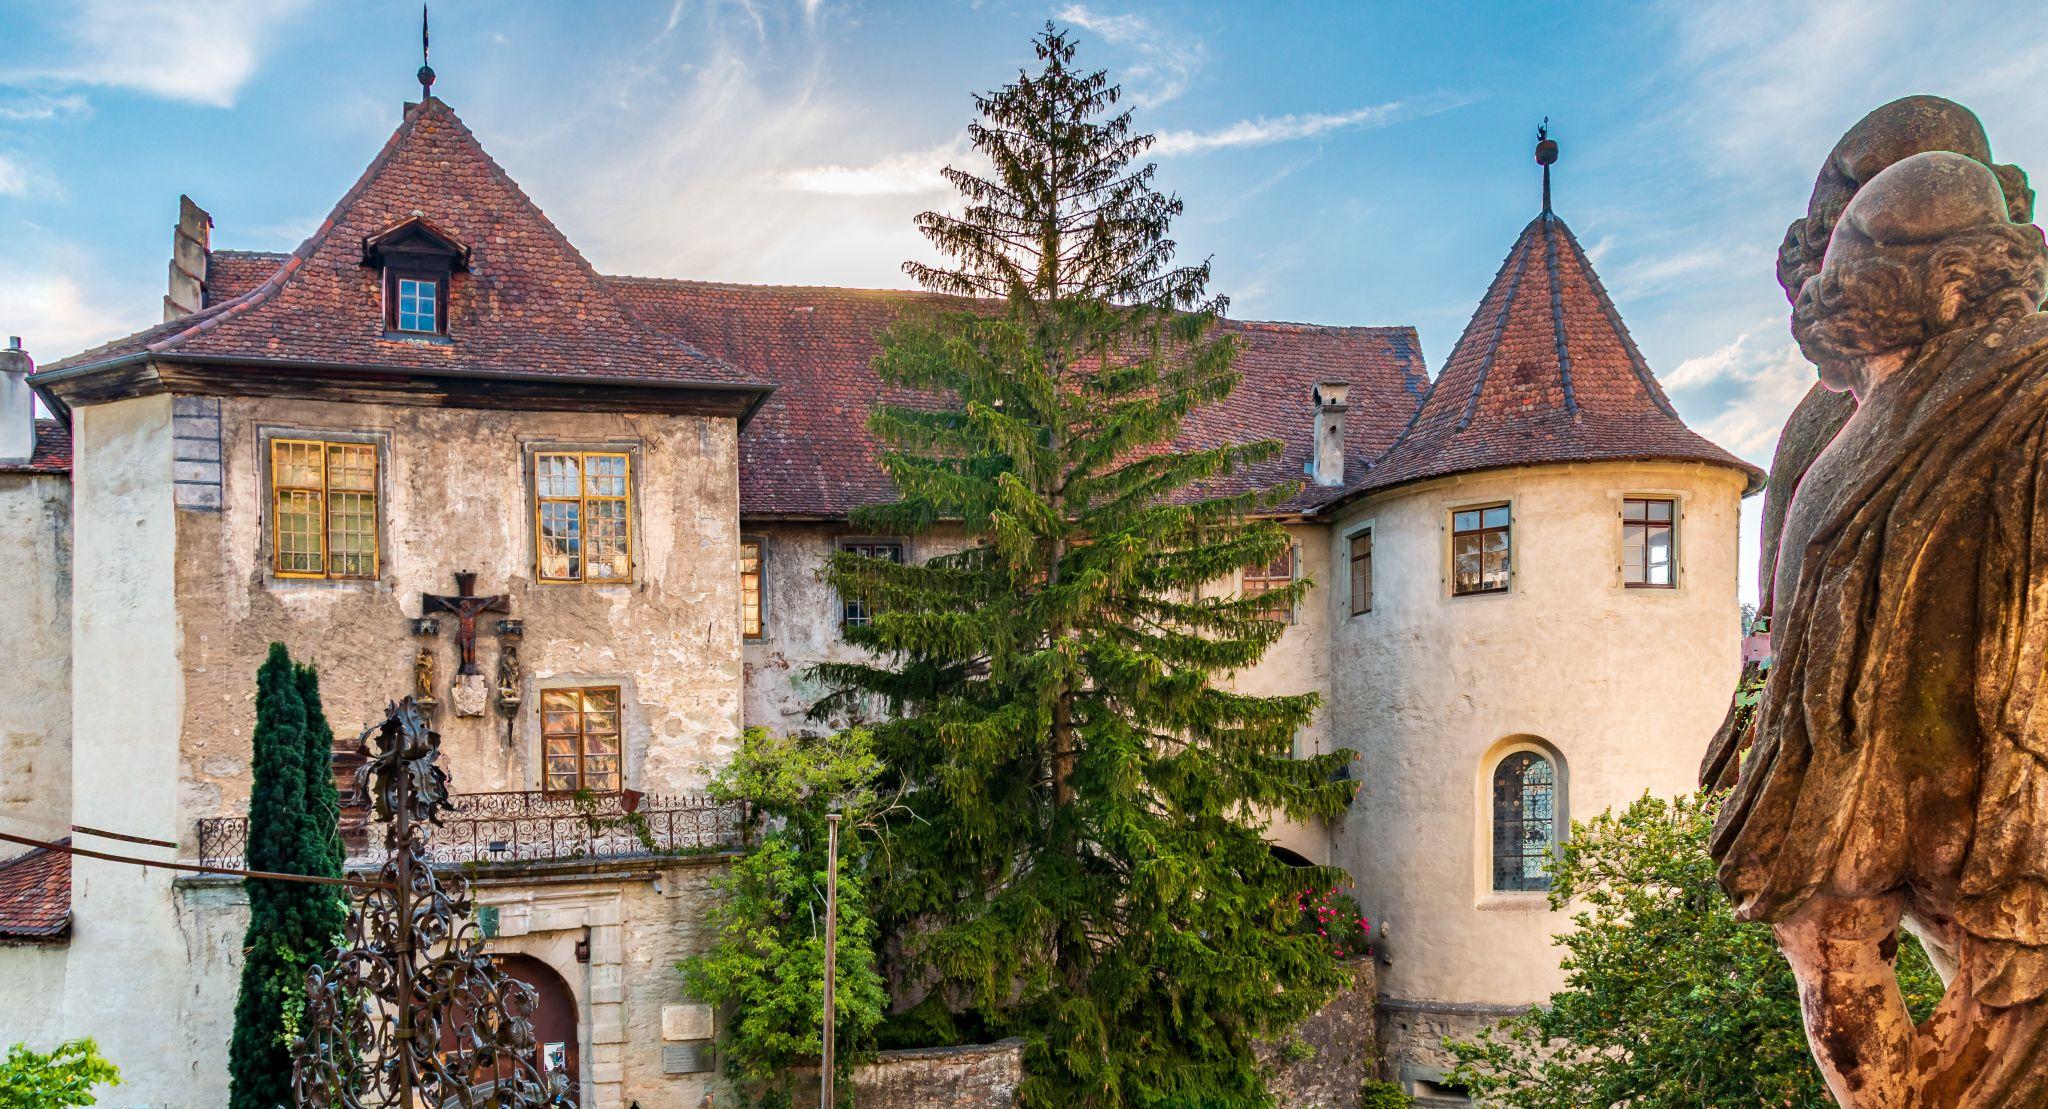 Burg Mersburg, Germany